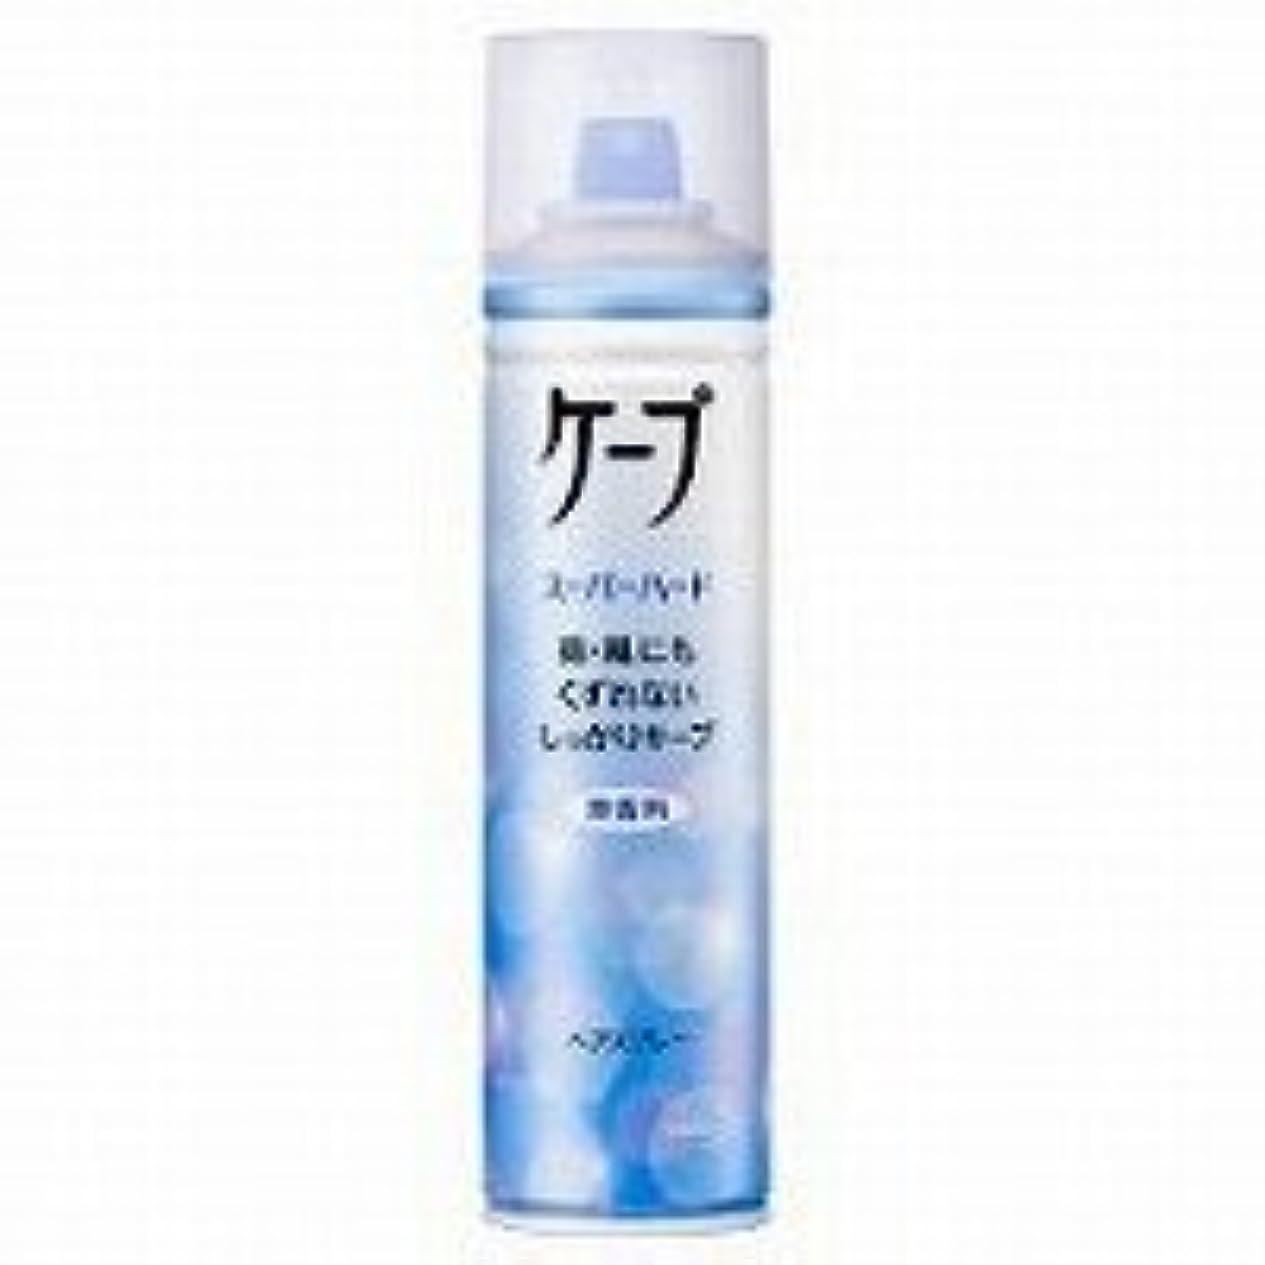 【花王】ヘアスプレーケープ スーパーハード 無香料 180g ×10個セット